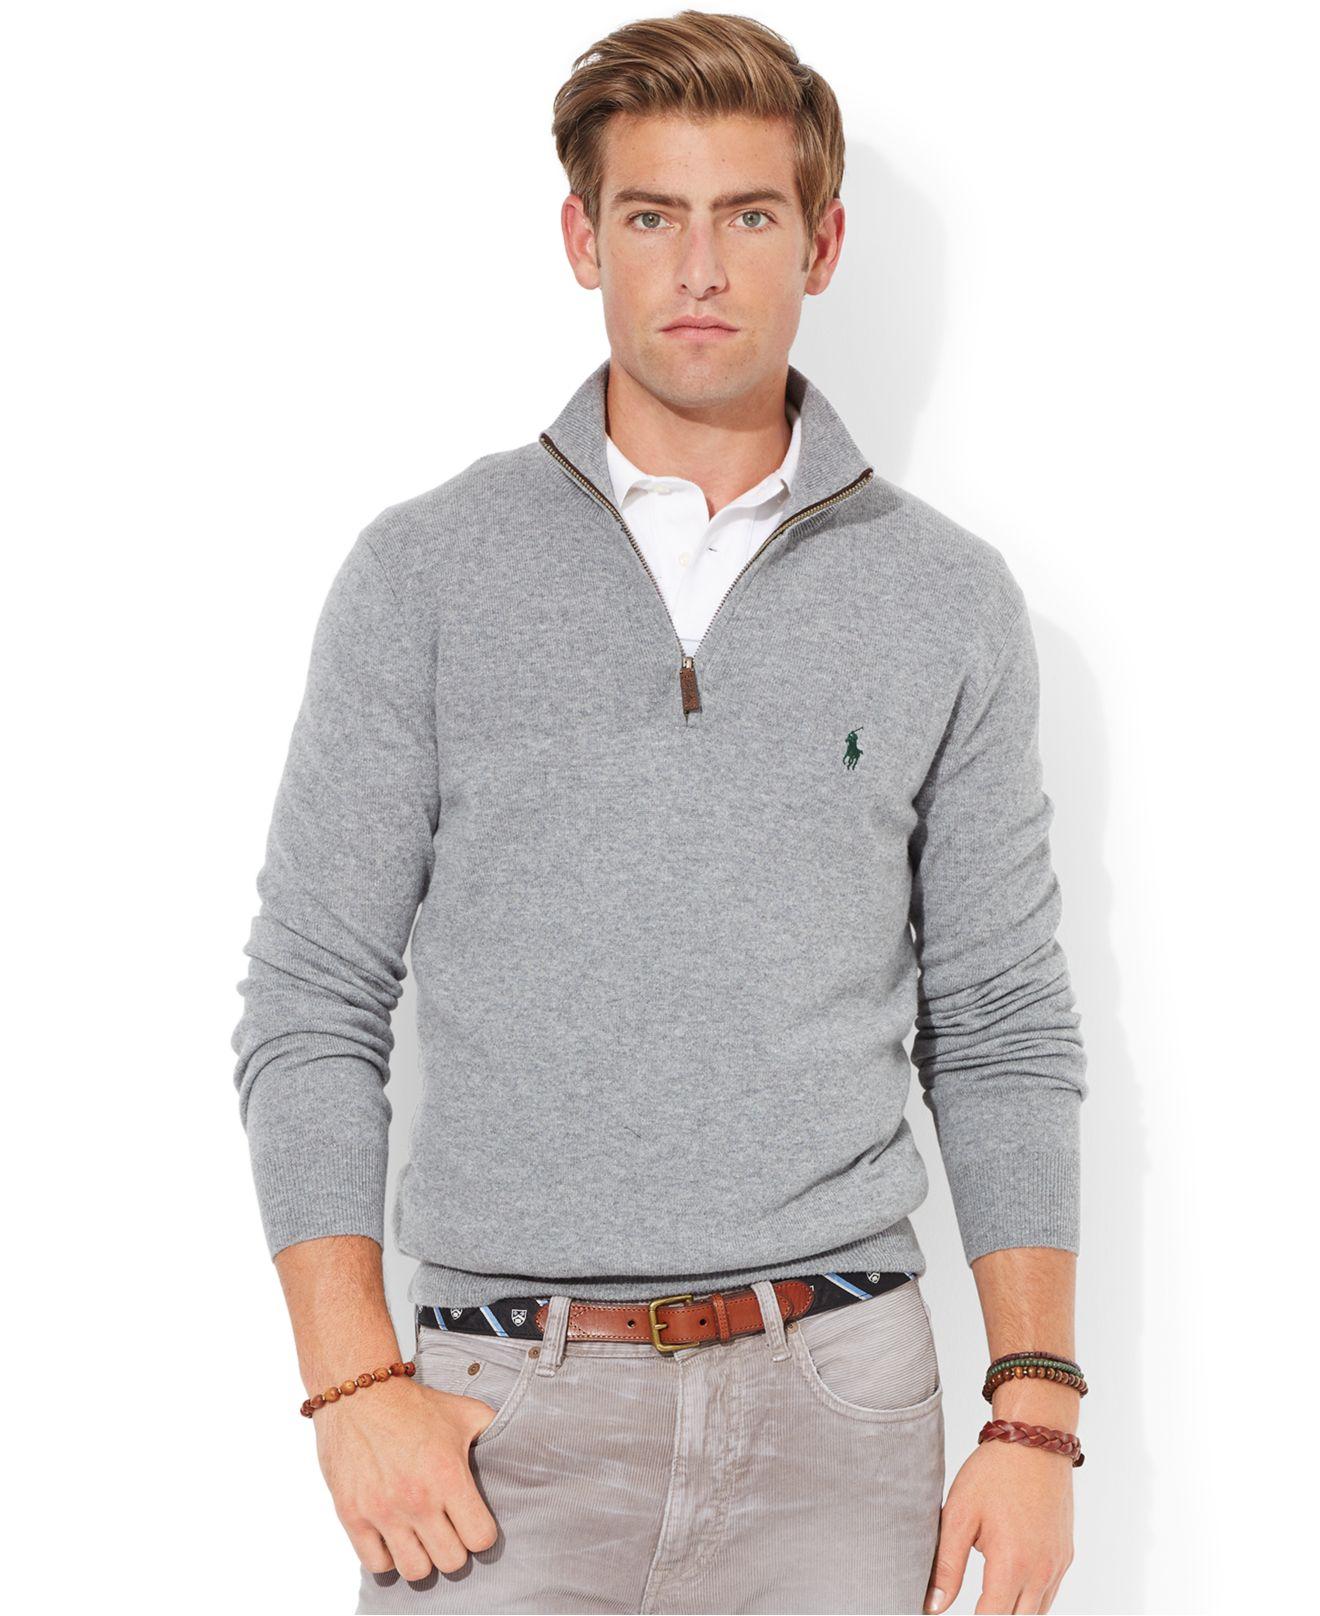 bbf05863ad9c Lyst - Polo Ralph Lauren Merino Wool Half-Zip Sweater in Gray for Men